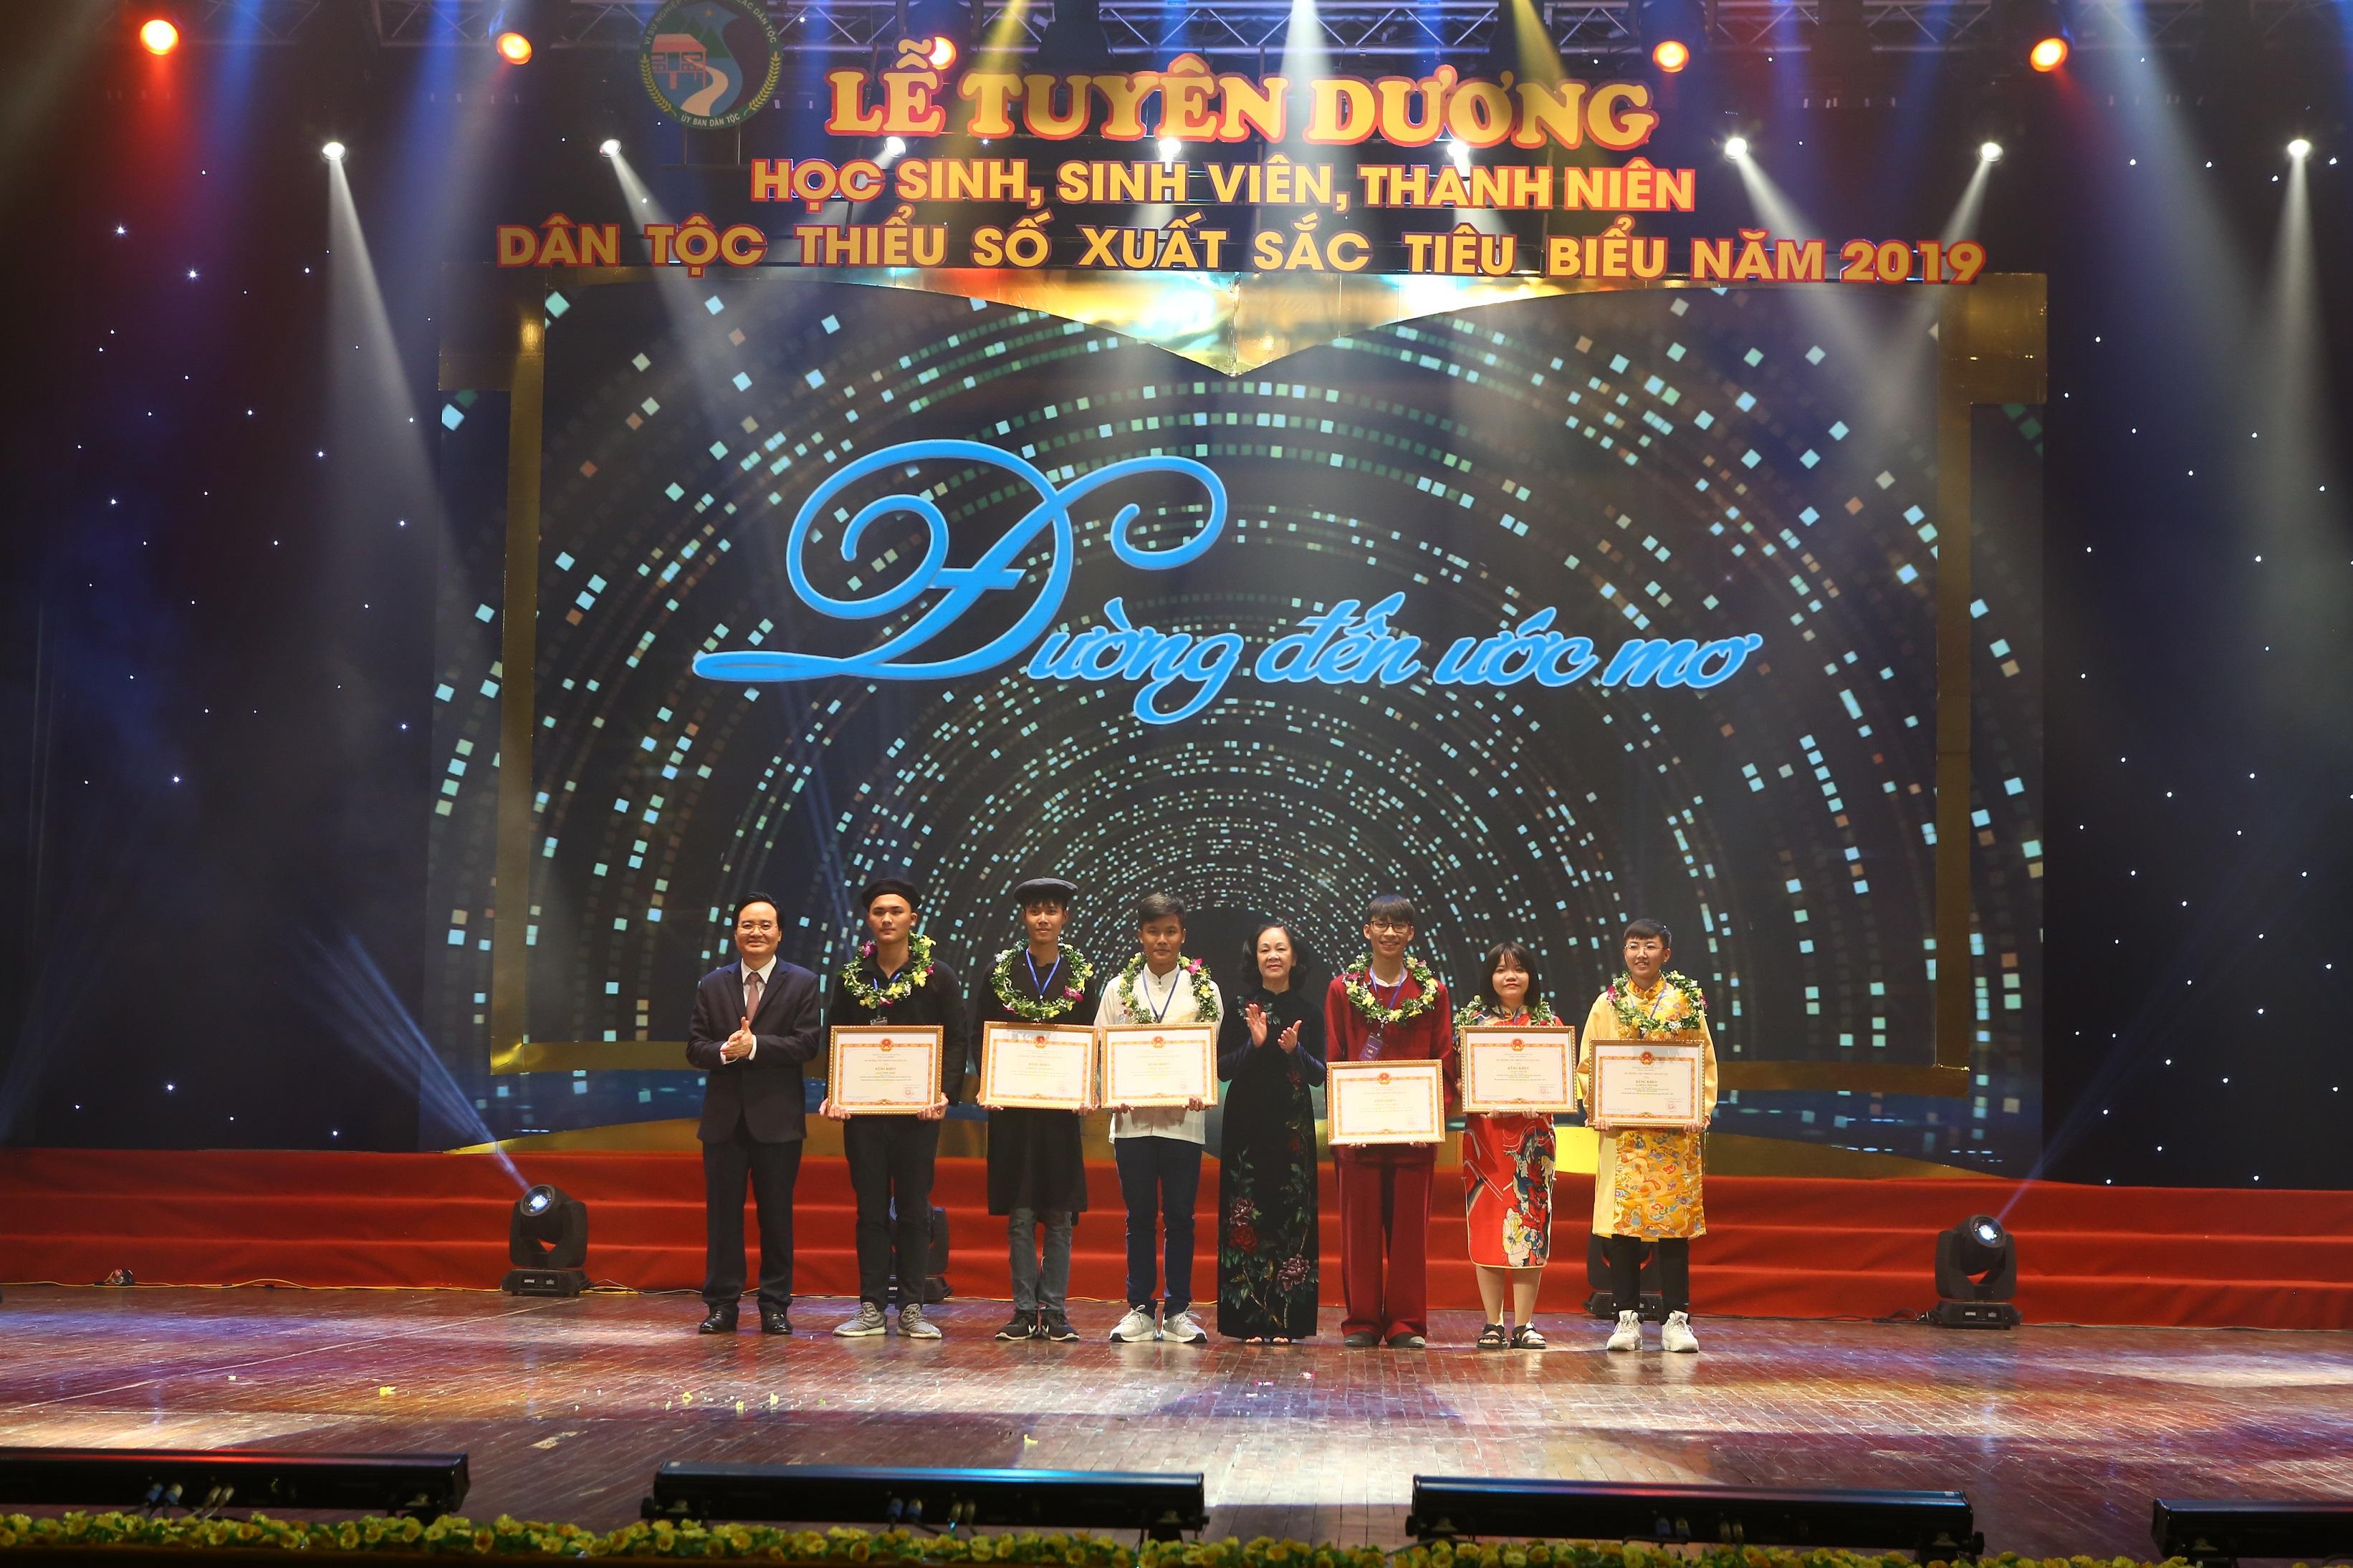 Trưởng Ban Dân vận Trung ương Trương Thị Mai và Bộ trưởng Bộ Giáo dục và Đào tạo Phùng Xuân Nhạ trao thưởng cho học sinh, sinh viên DTTS đạt giải Nhất, Nhì trong cuộc thi Khoa học kỹ thuật quốc gia